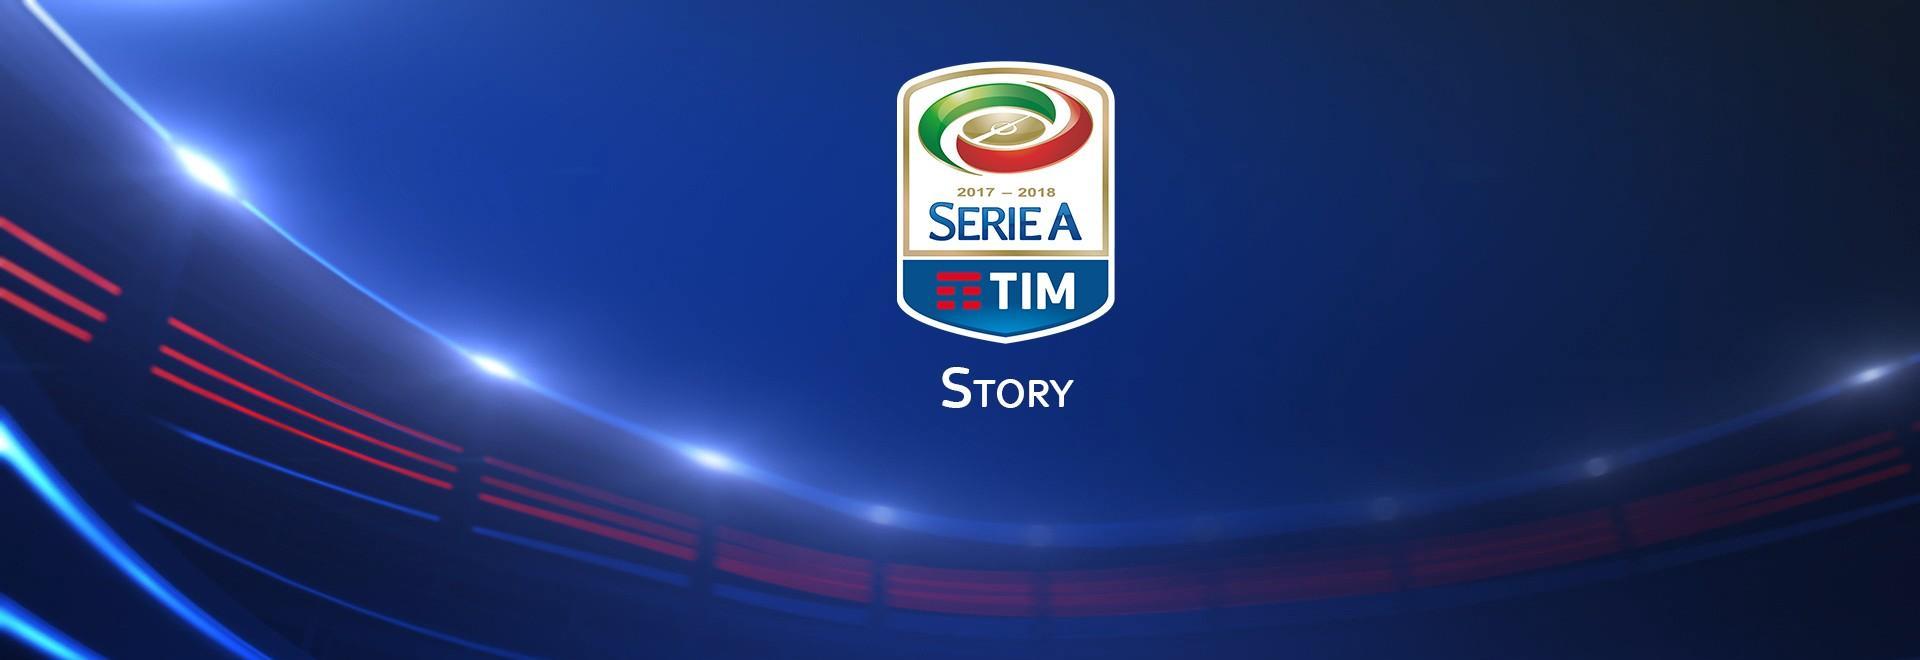 Milan - Juventus 22/10/16